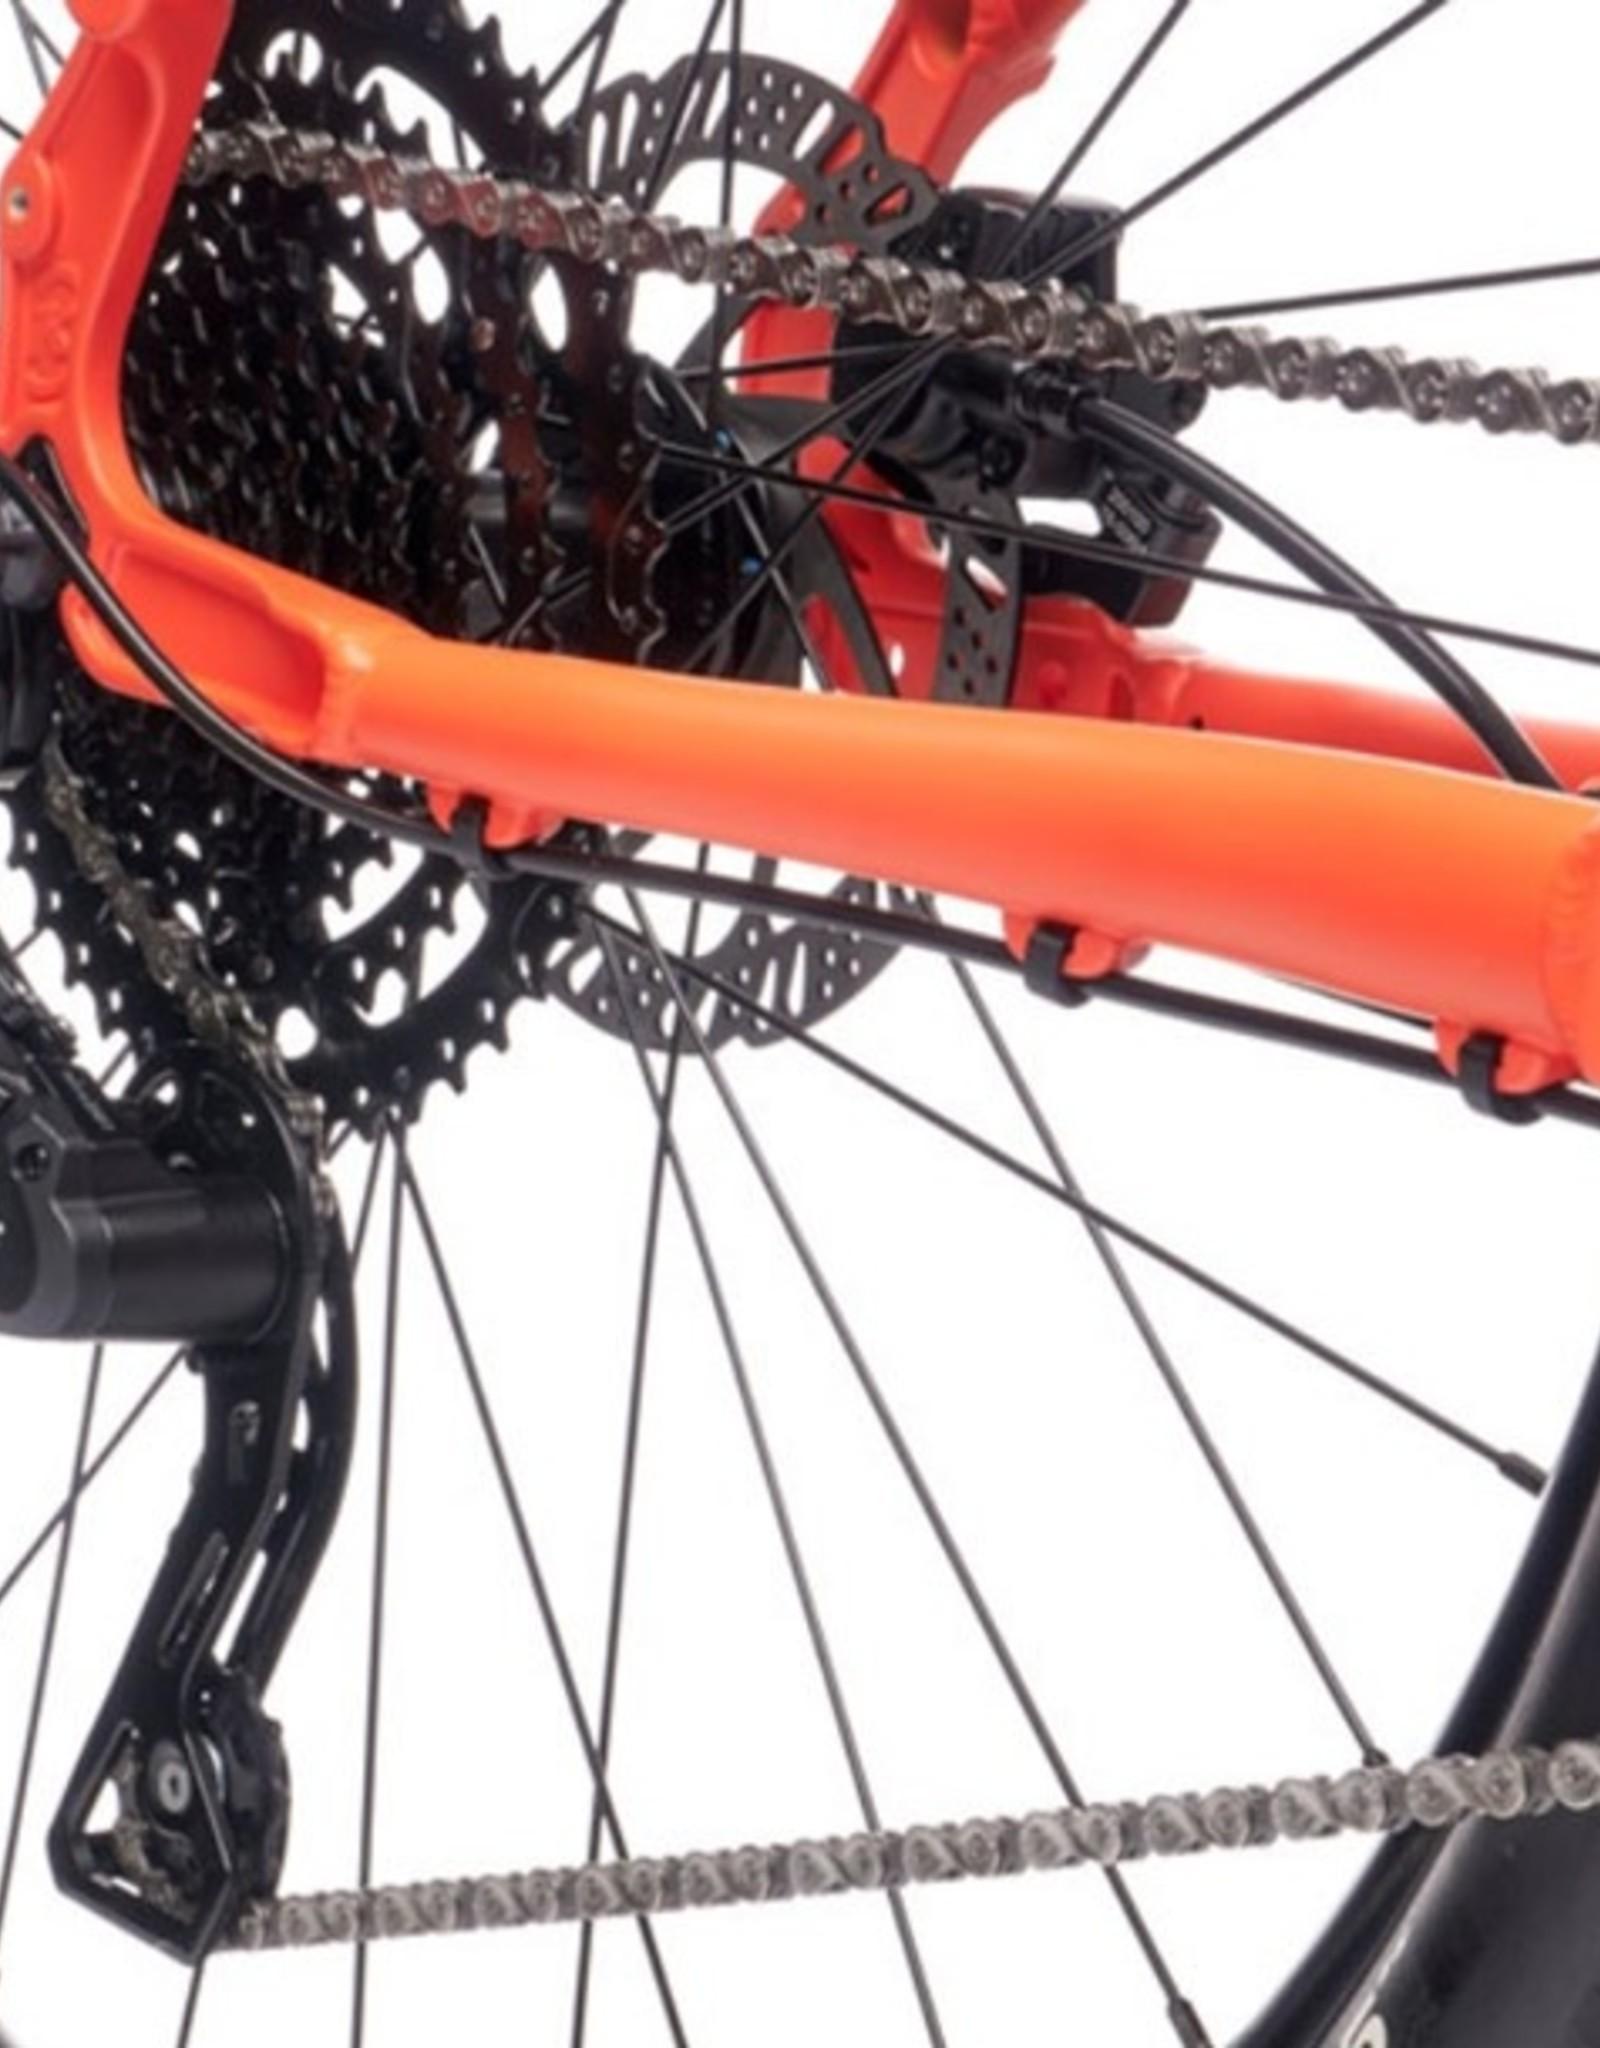 Kona Bicycles Kona Fire Mountain (Matte Faux Raw) 2021 Small